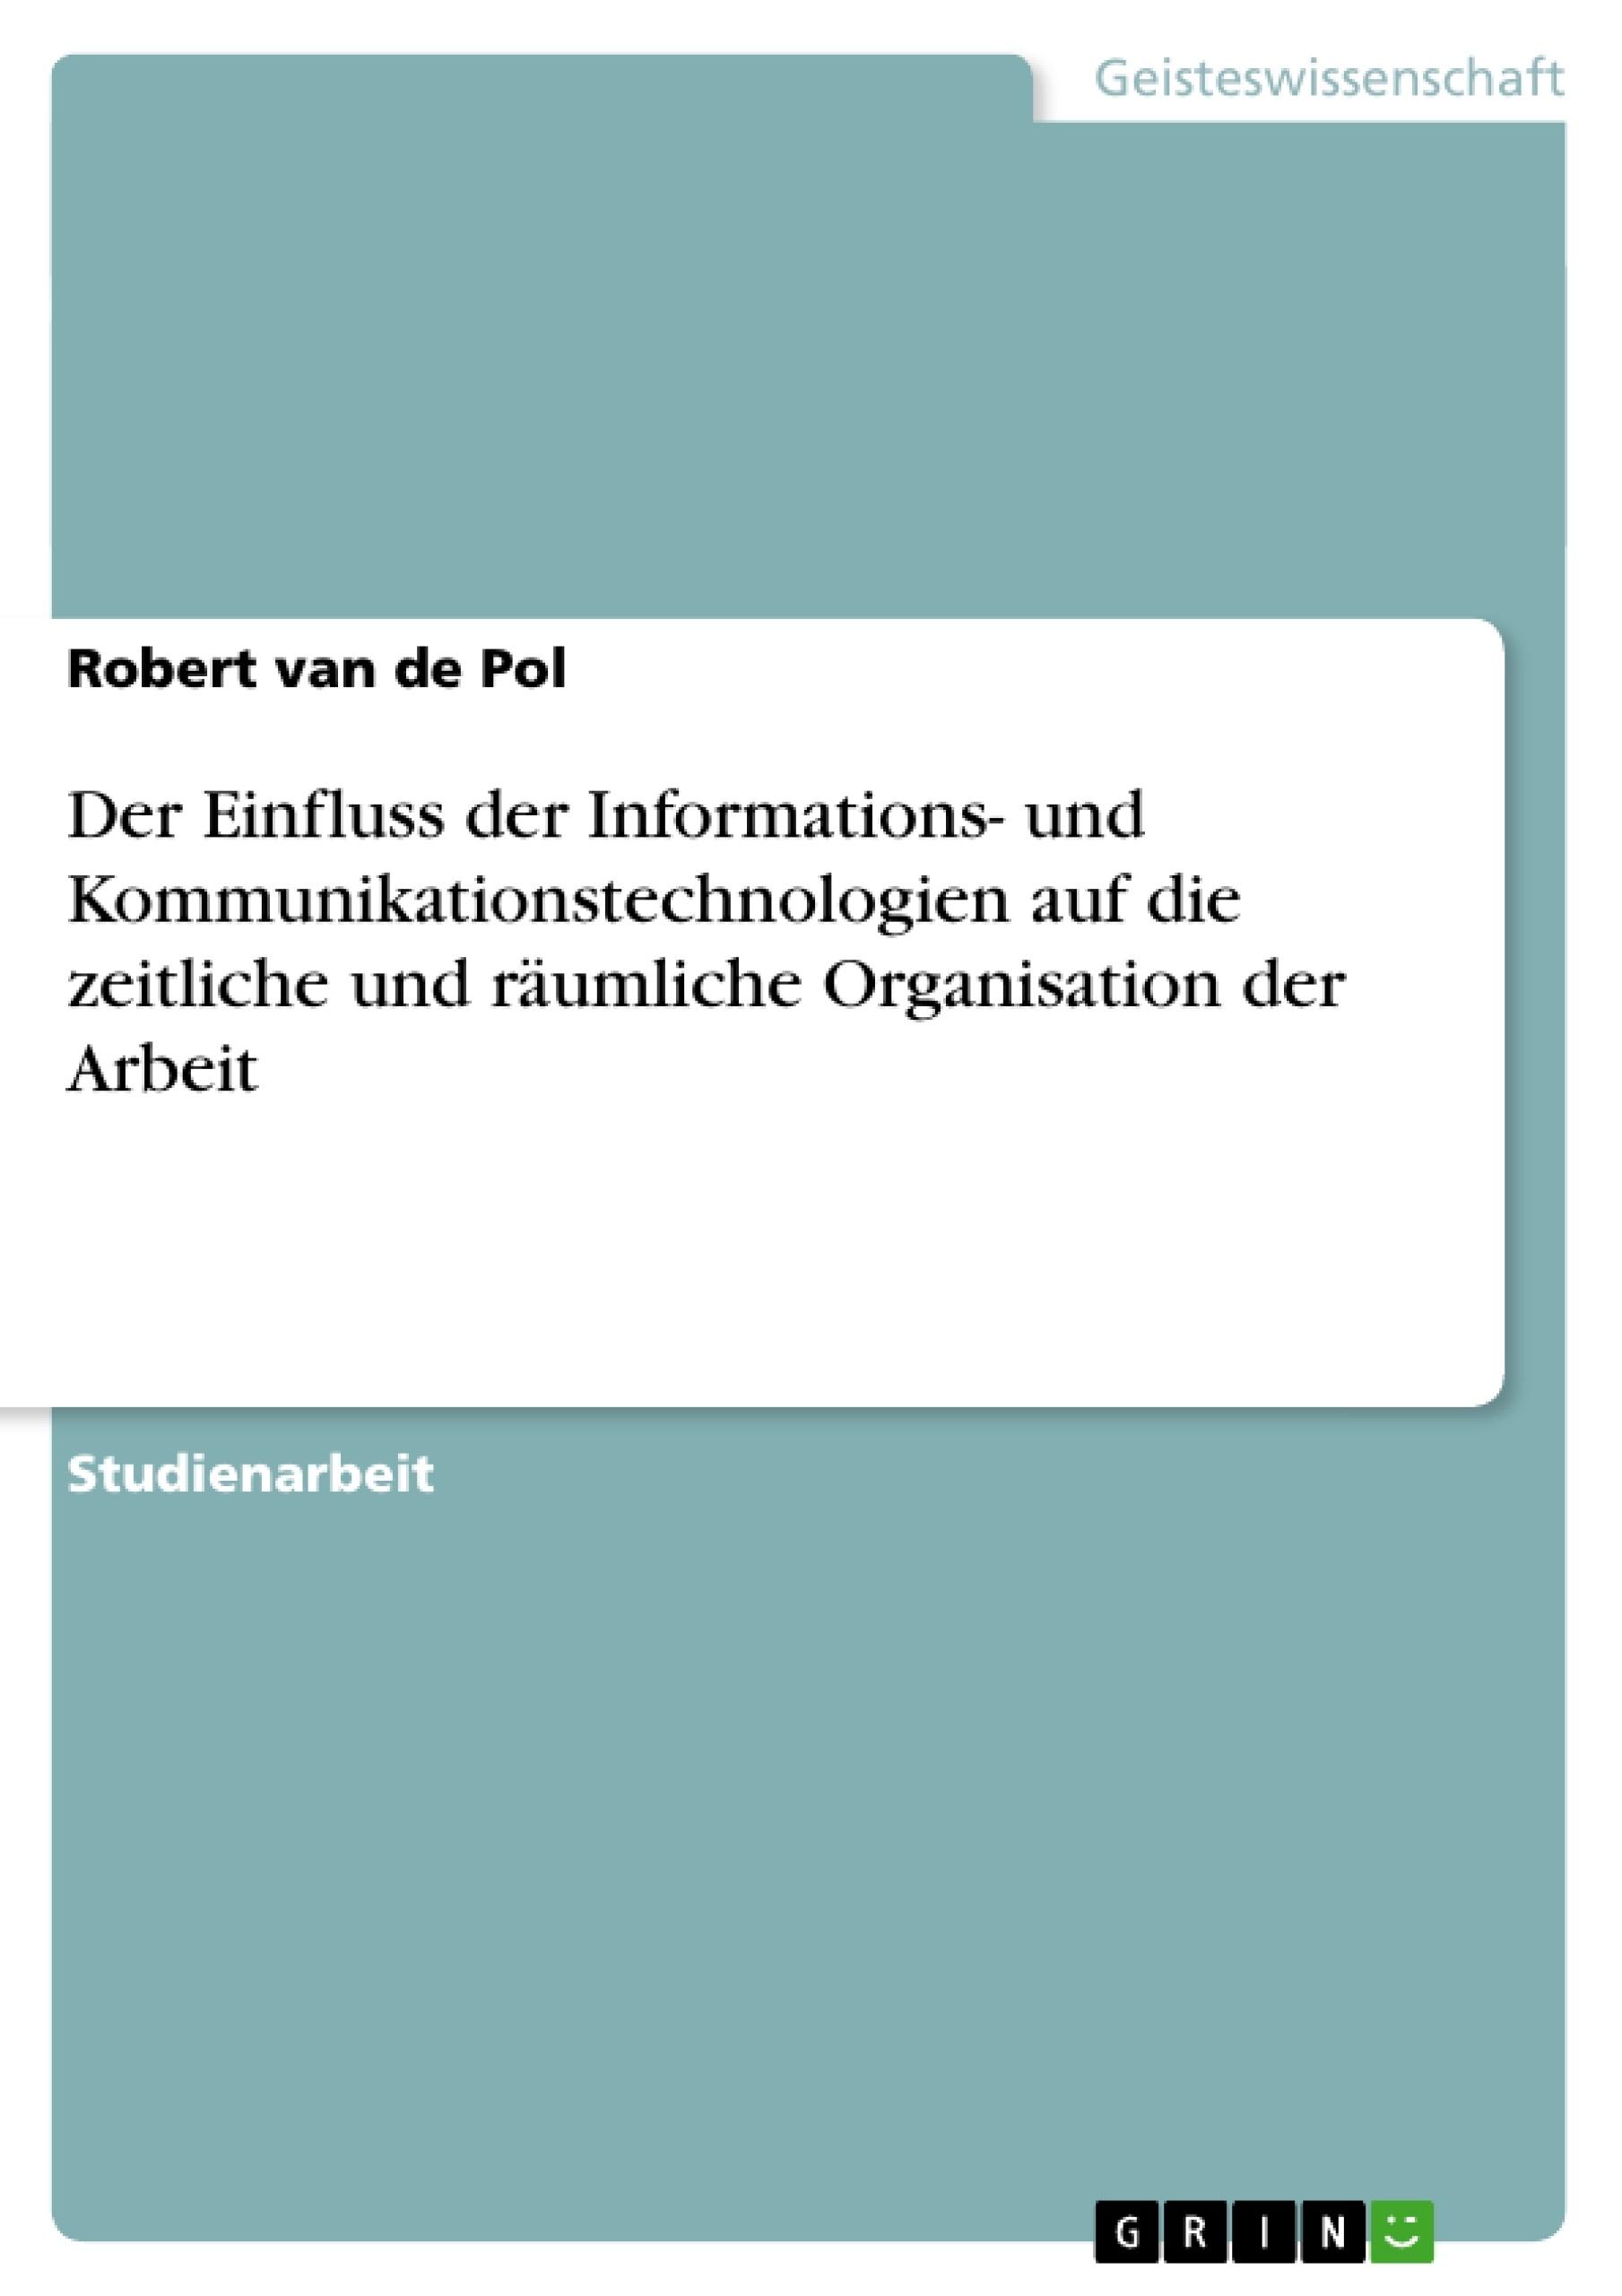 Titel: Der Einfluss der Informations- und Kommunikationstechnologien auf die zeitliche und räumliche Organisation der Arbeit